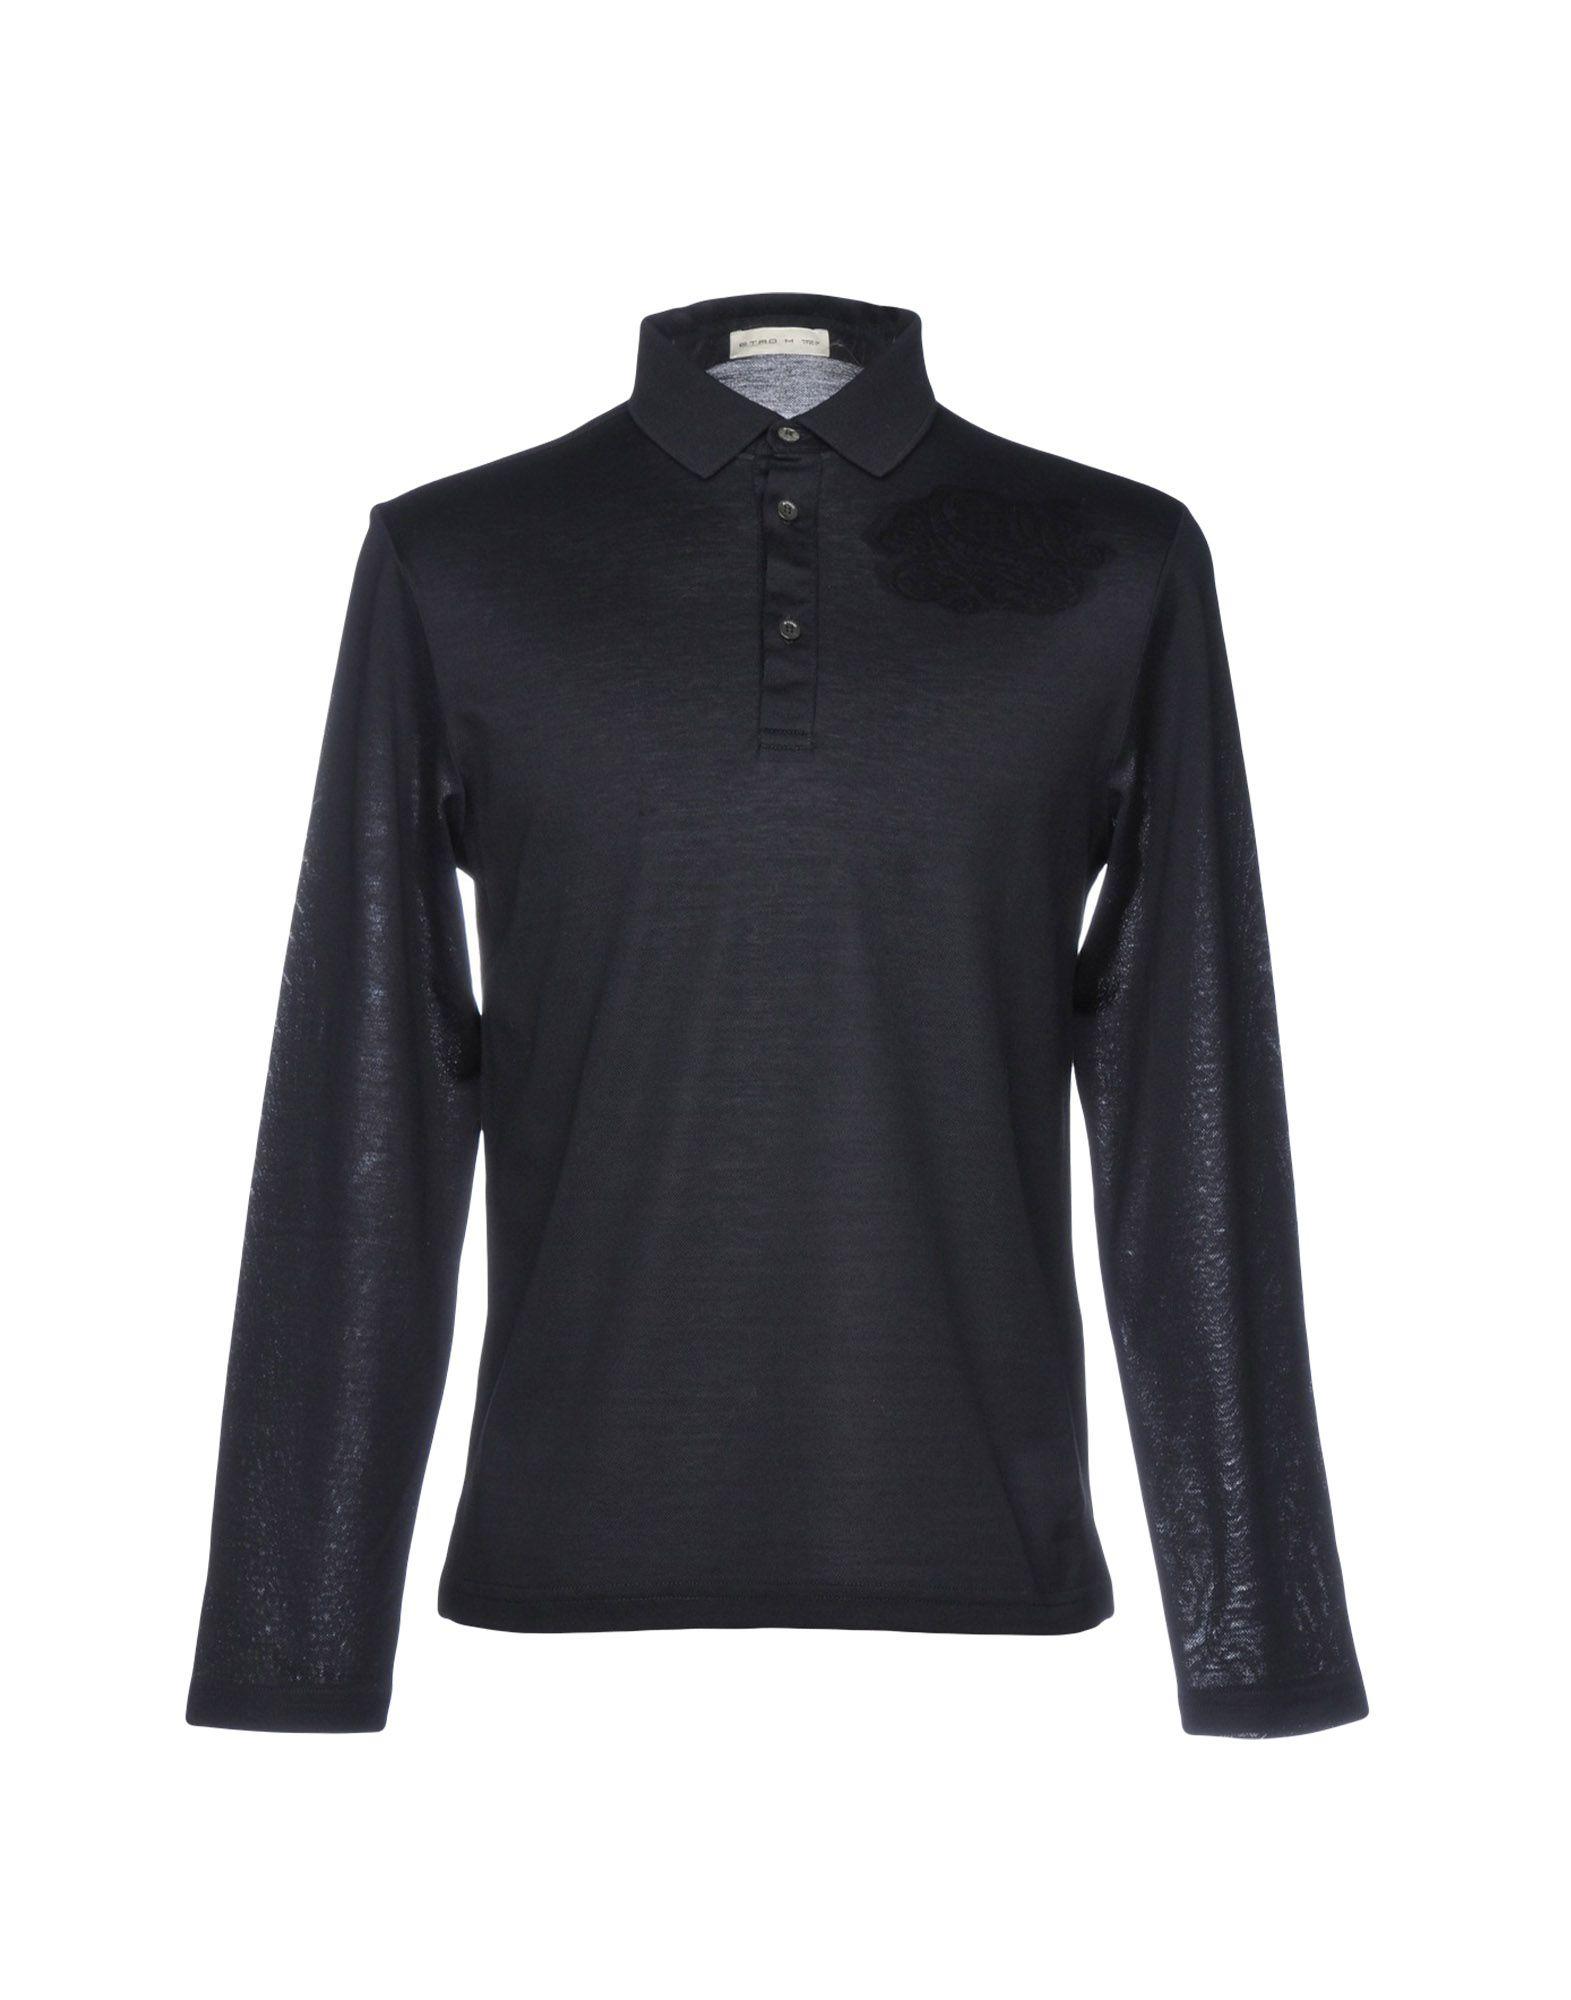 《送料無料》ETRO メンズ ポロシャツ ダークブルー S コットン 100%